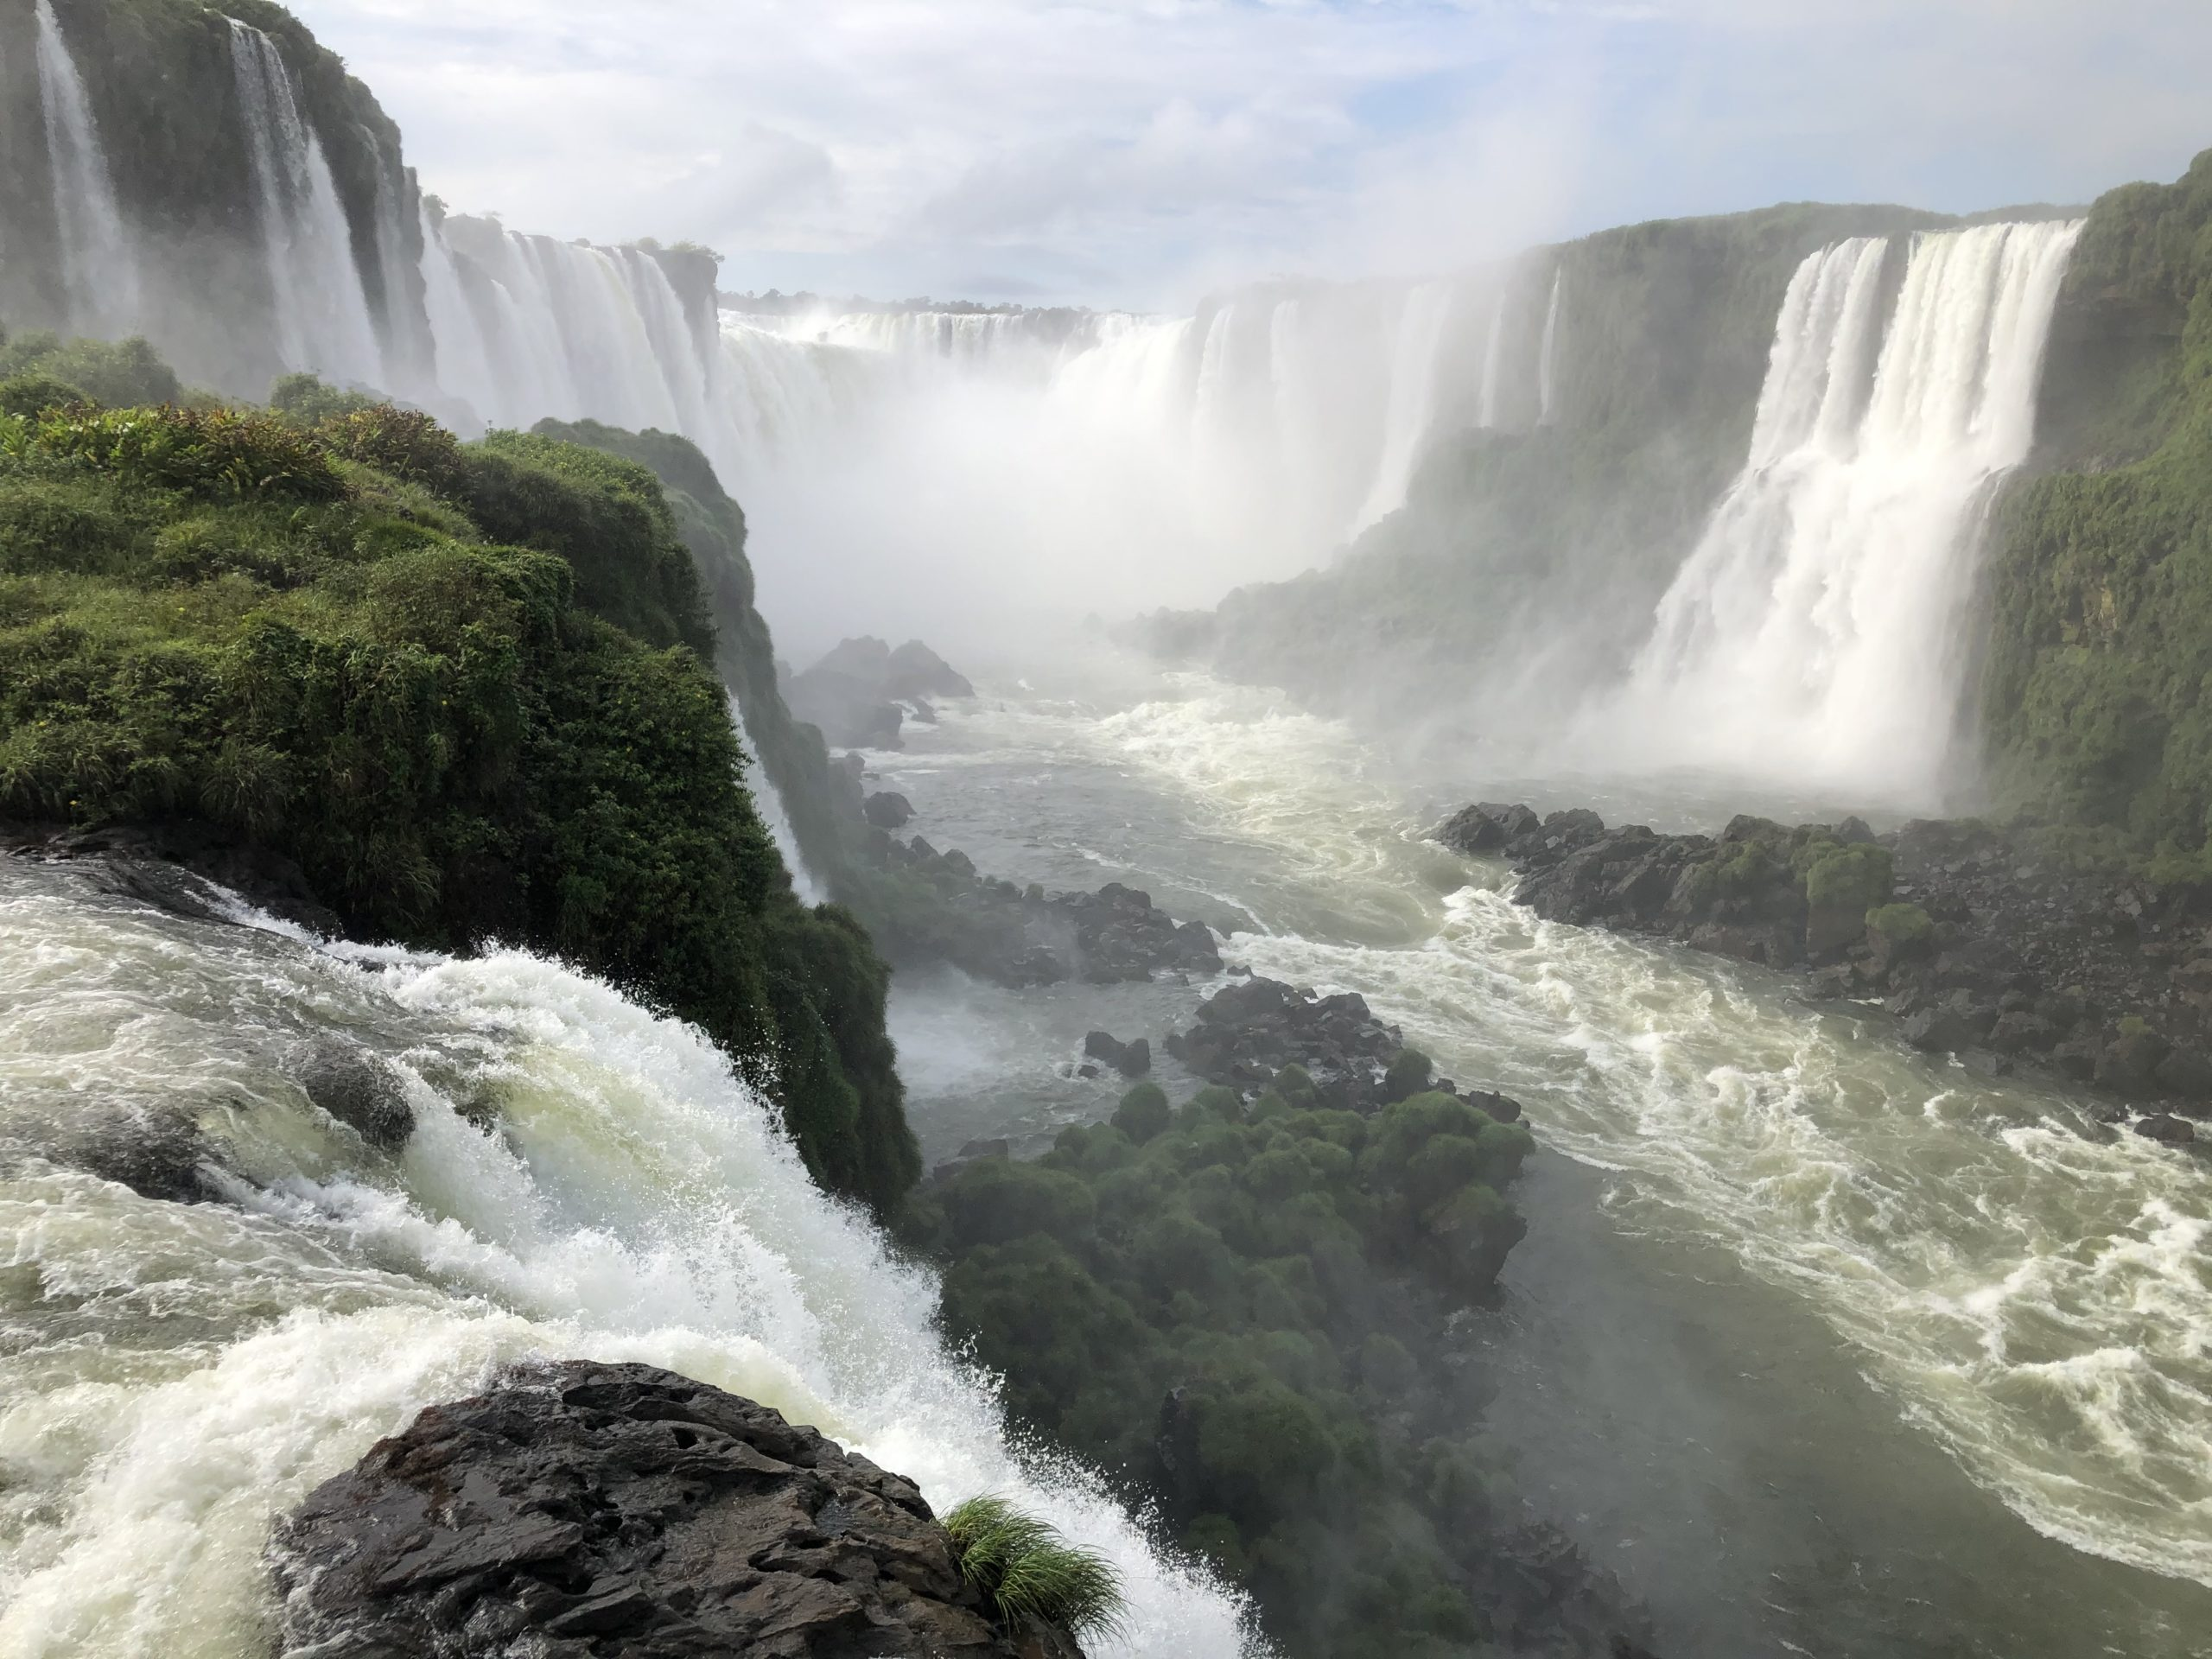 世界三大瀑布イグアスの滝でボートツアー(ブラジル側)【水着は必須】